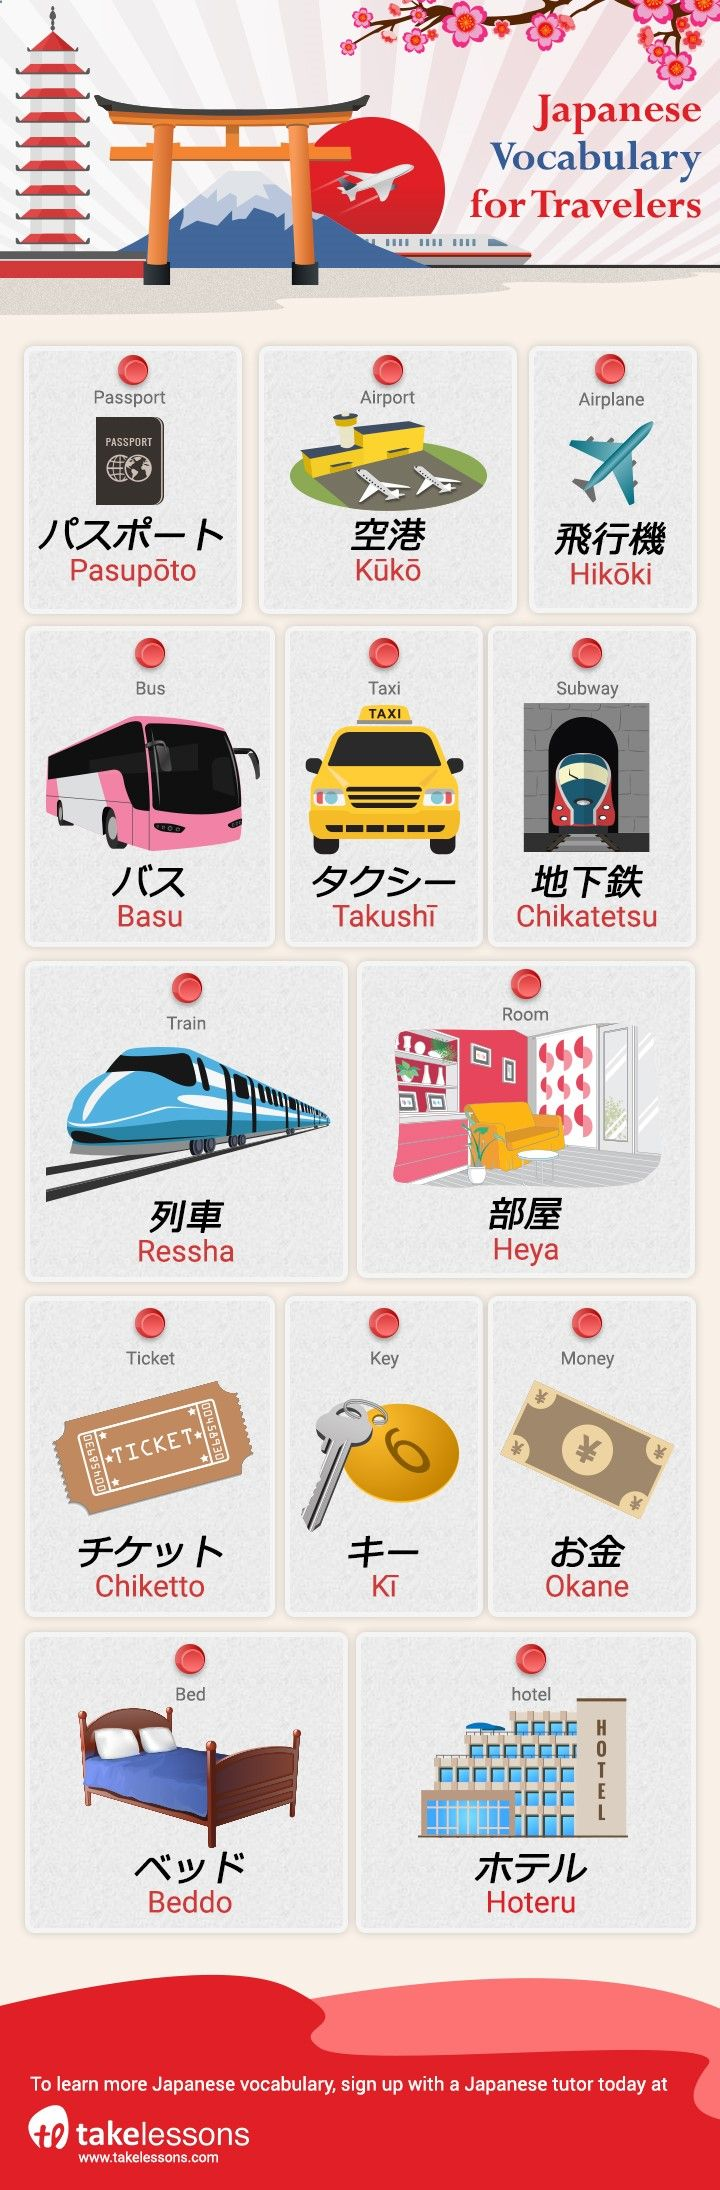 confundida con 列車, porque amímenseñaron que tren normal es 電車 y así lo vi mucho en Japón. Ha de tratarse de un tipo especial de tren. En el dibujo parece 新幹線 pero no lo menciona.